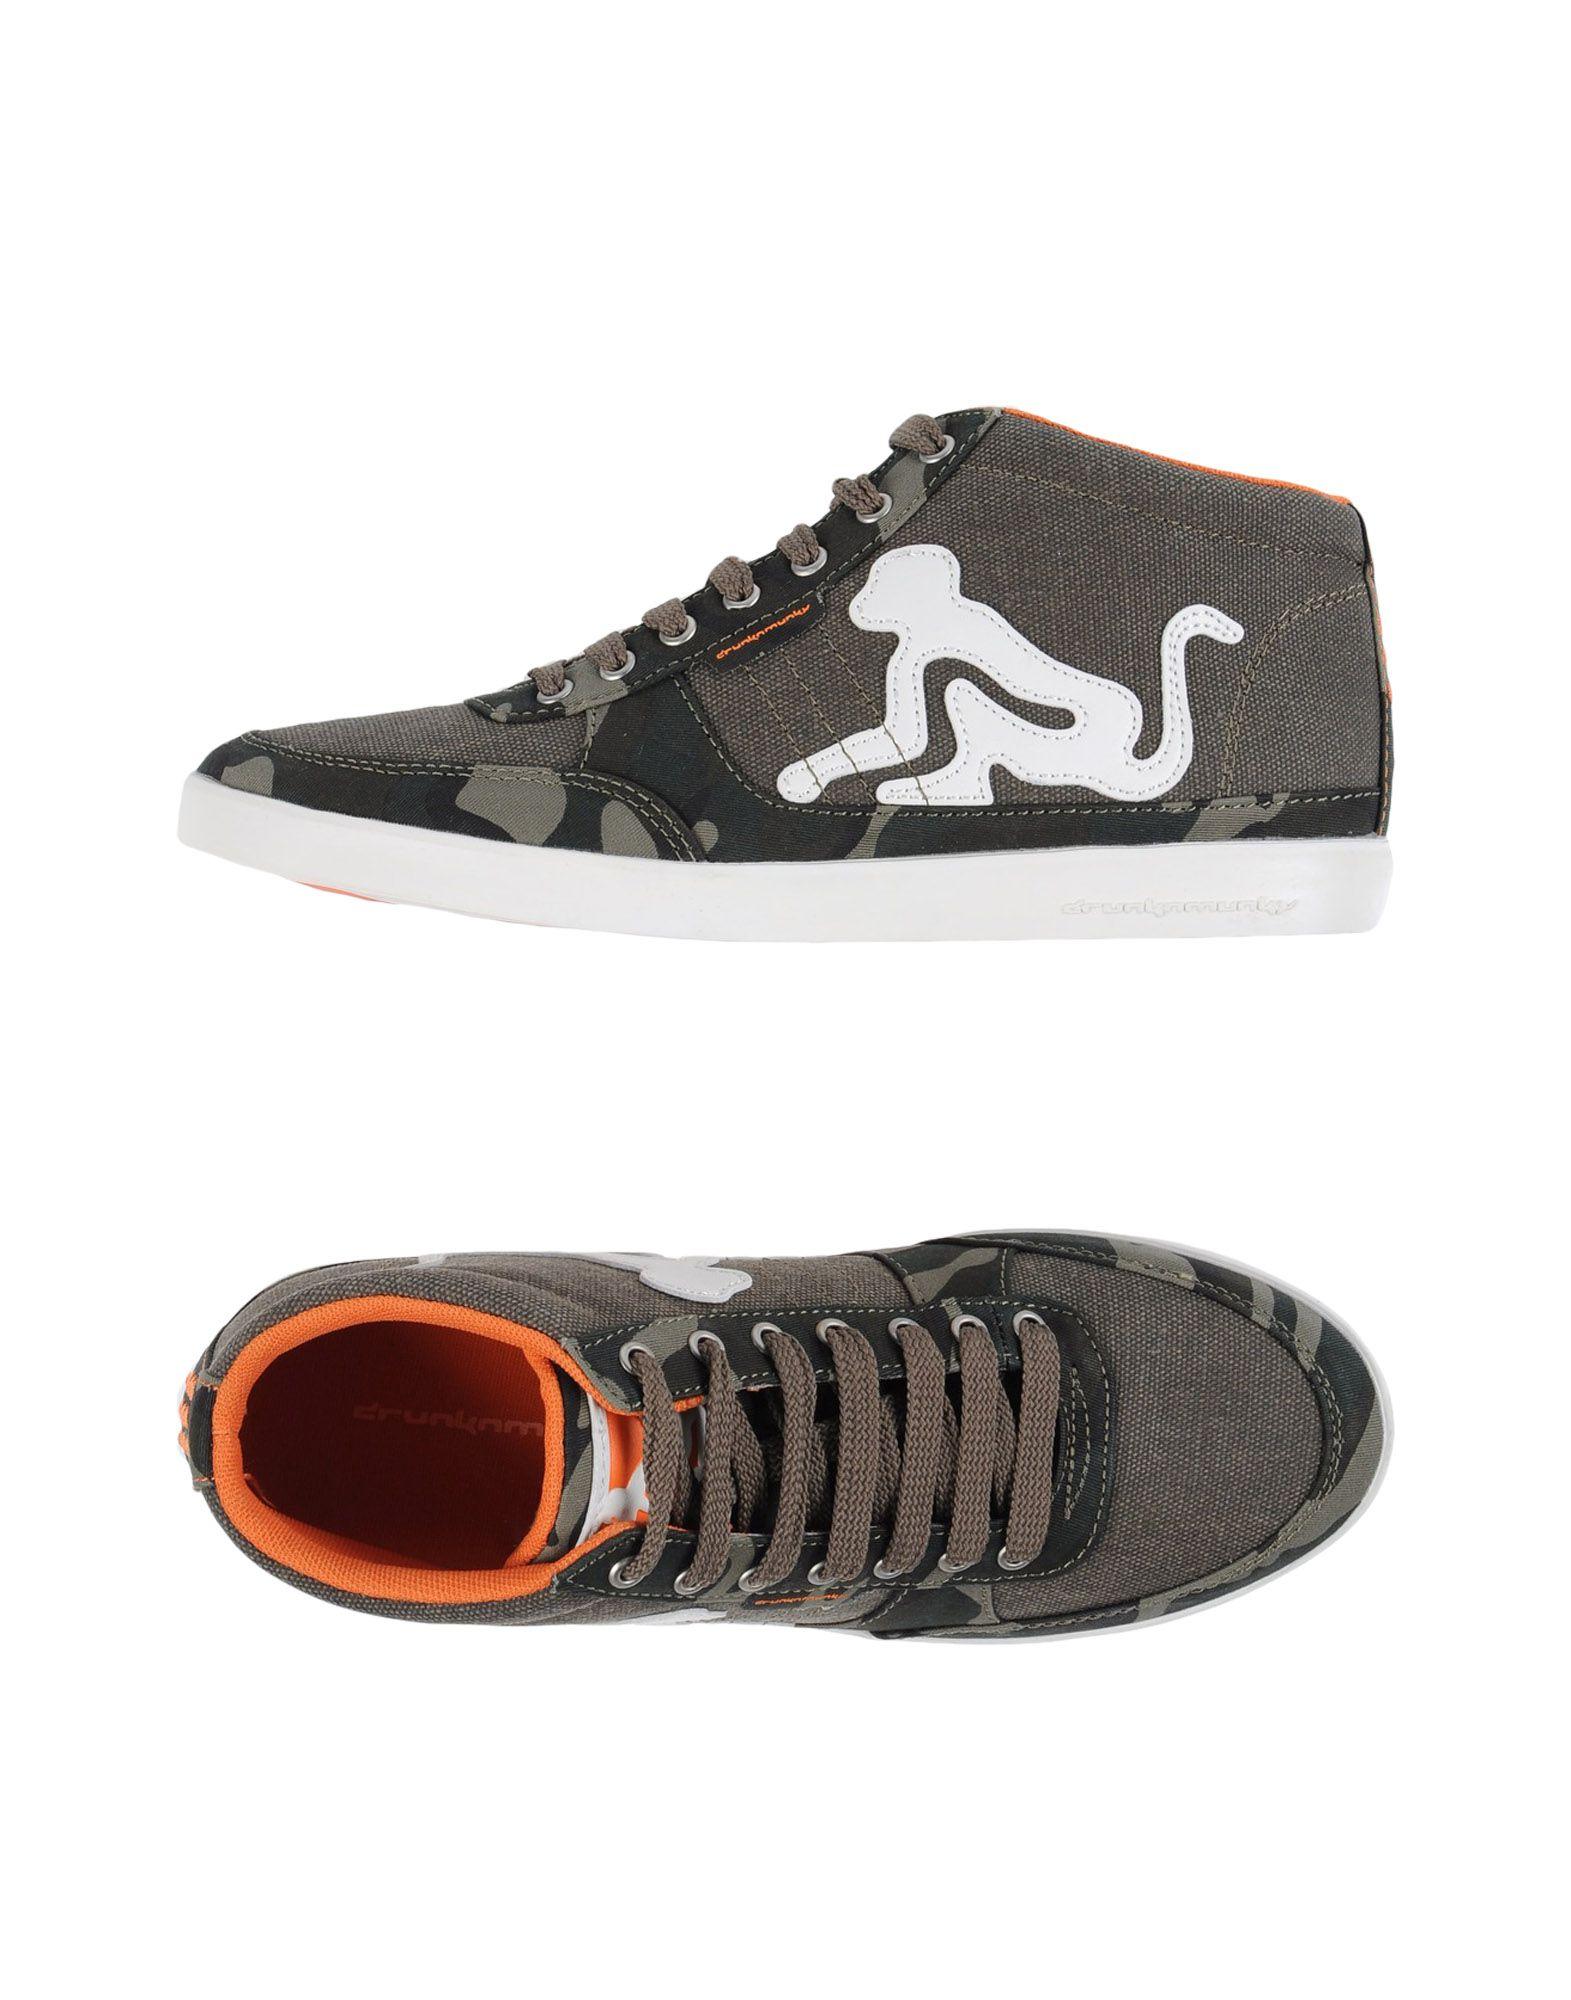 Drunknmunky  Sneakers Herren  Drunknmunky 11344849VE Heiße Schuhe 6230d4